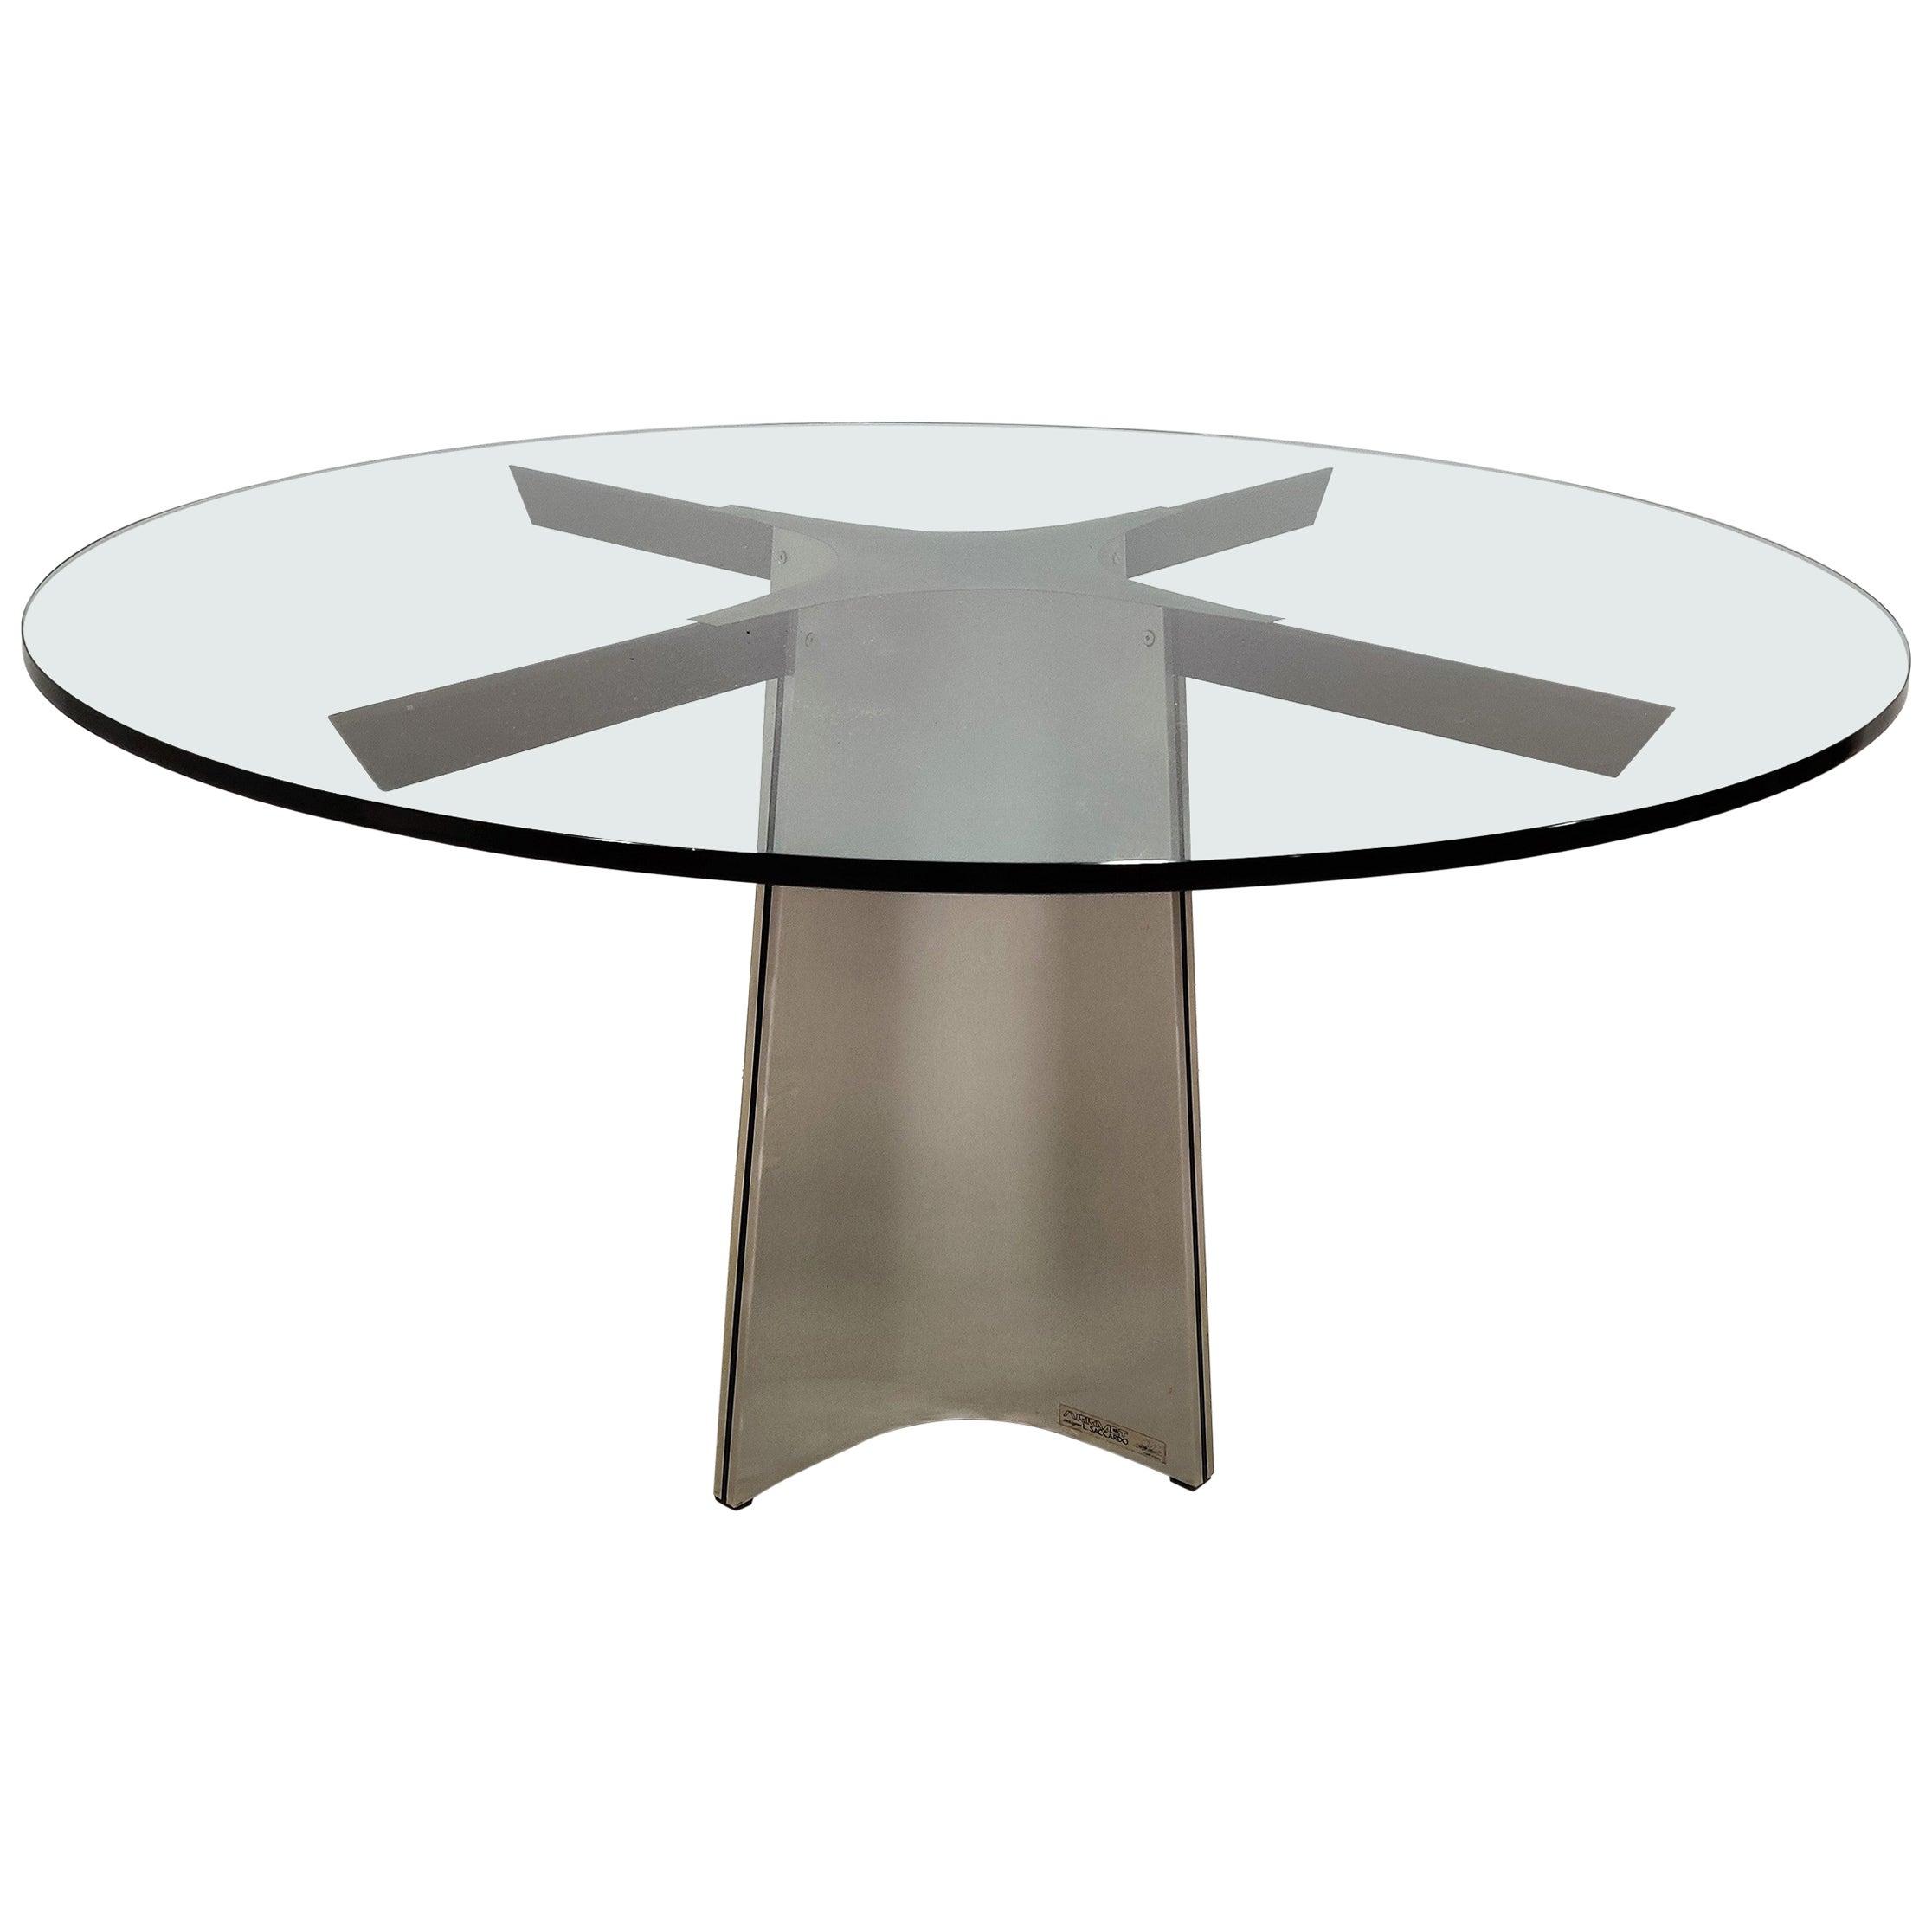 Luigi Saccardo Dining Table for Maison Jansen, 1970s